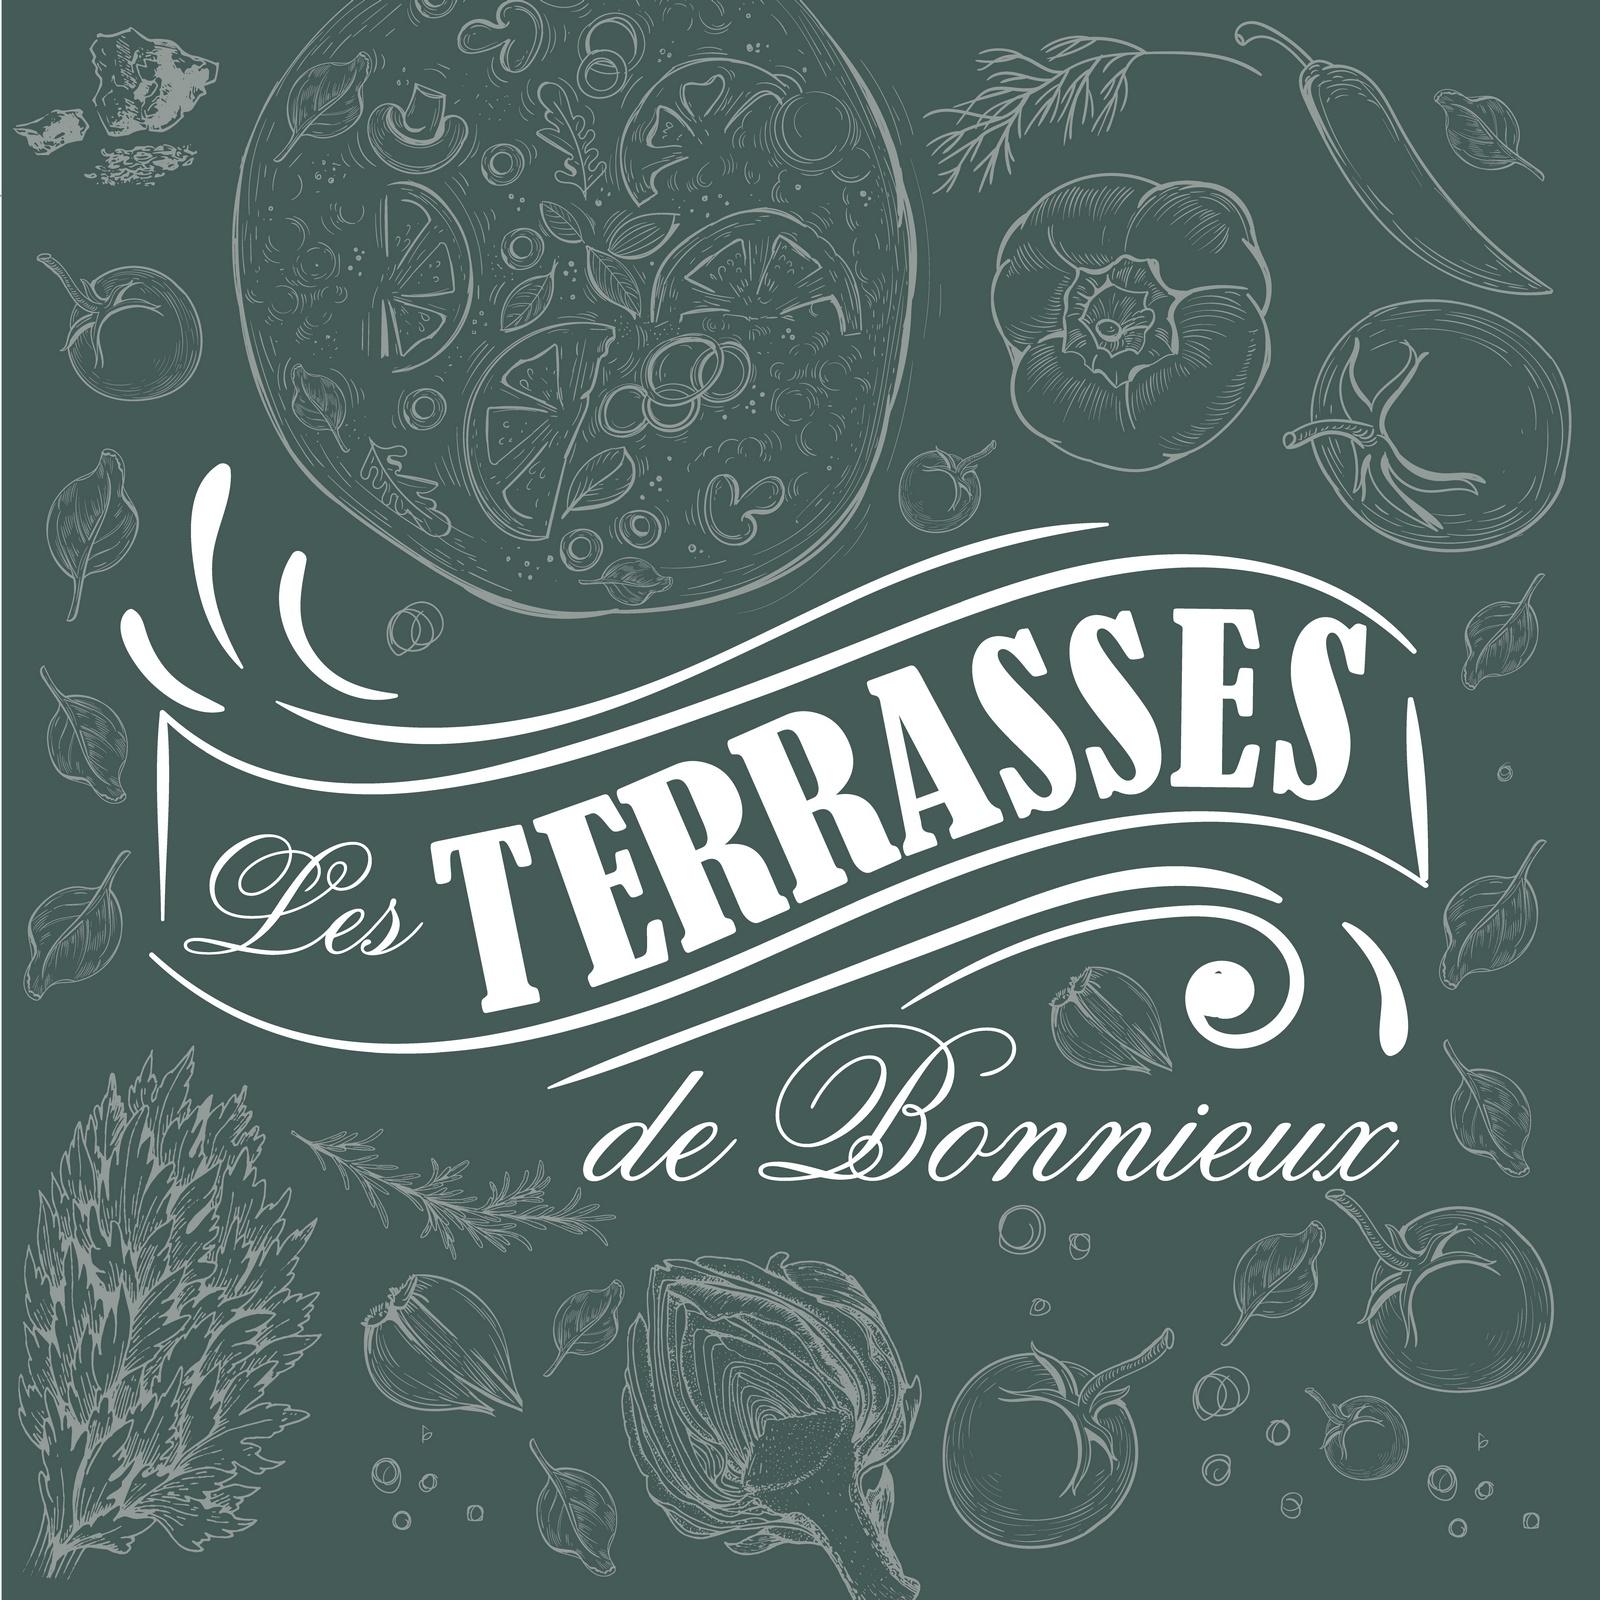 Logo Brasserie Les Terrasses